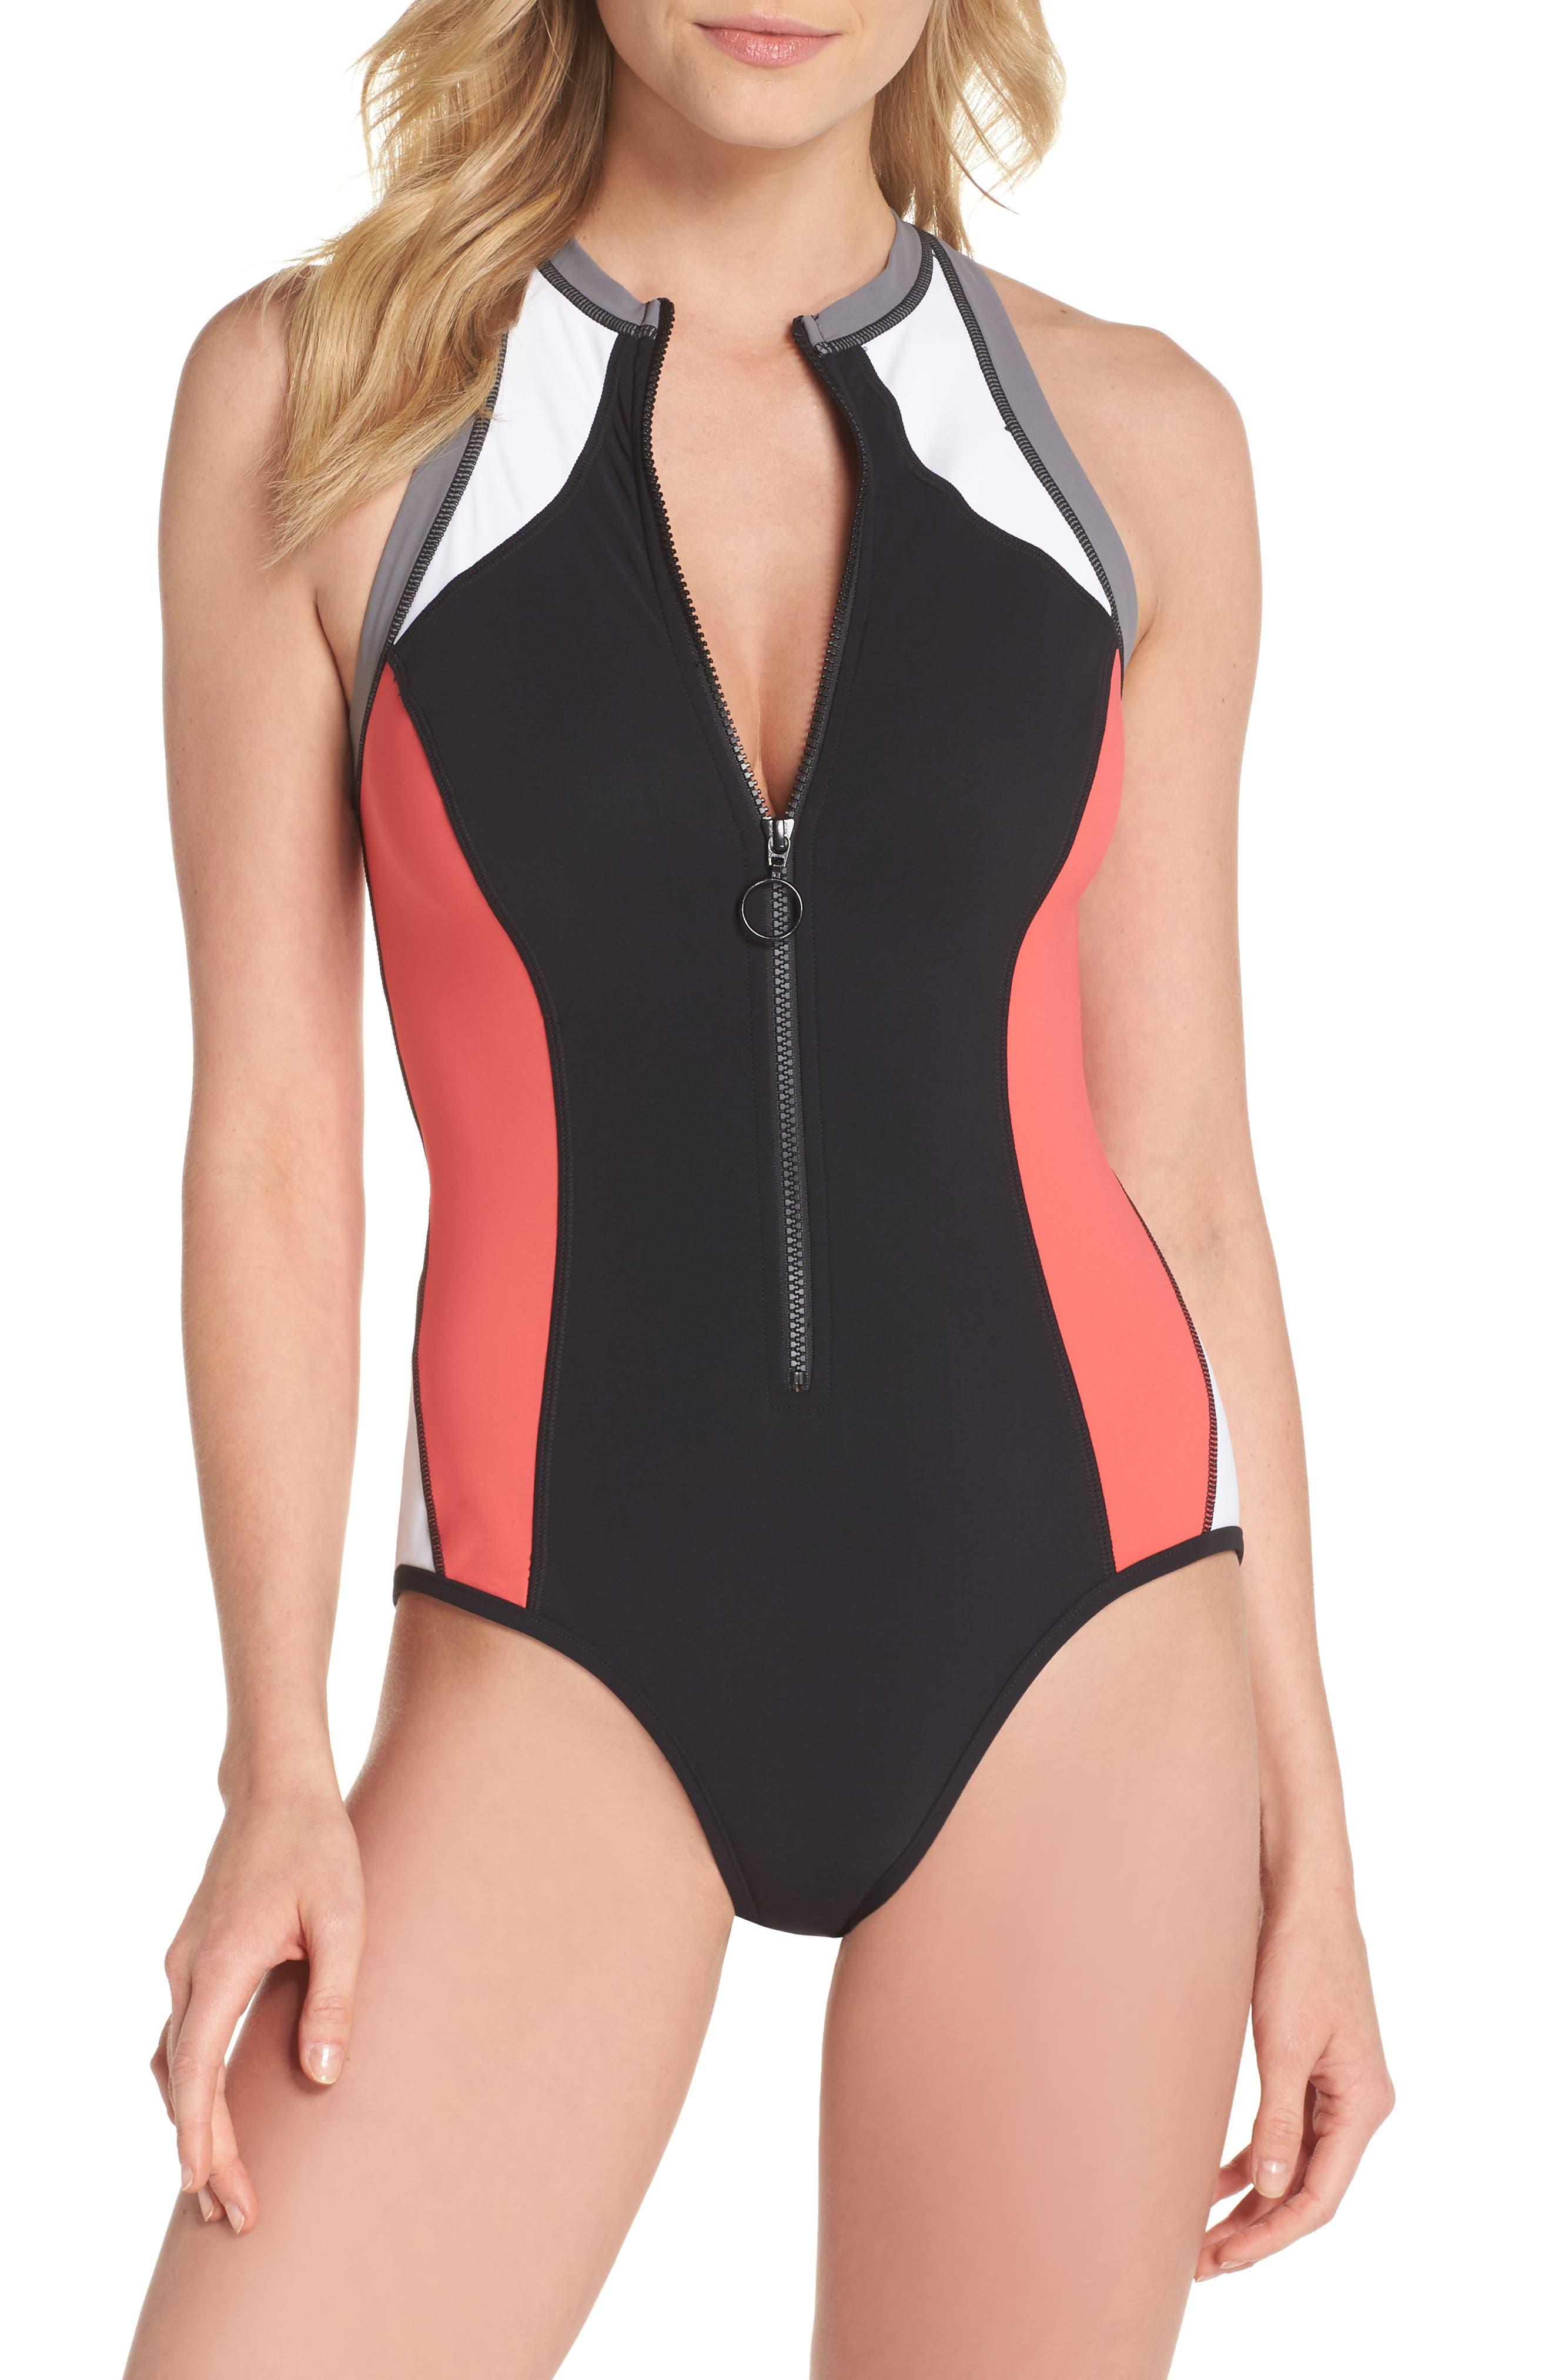 Resist Me Zip Front Surf One-Piece Swimsuit,                         Main,                         color, 001